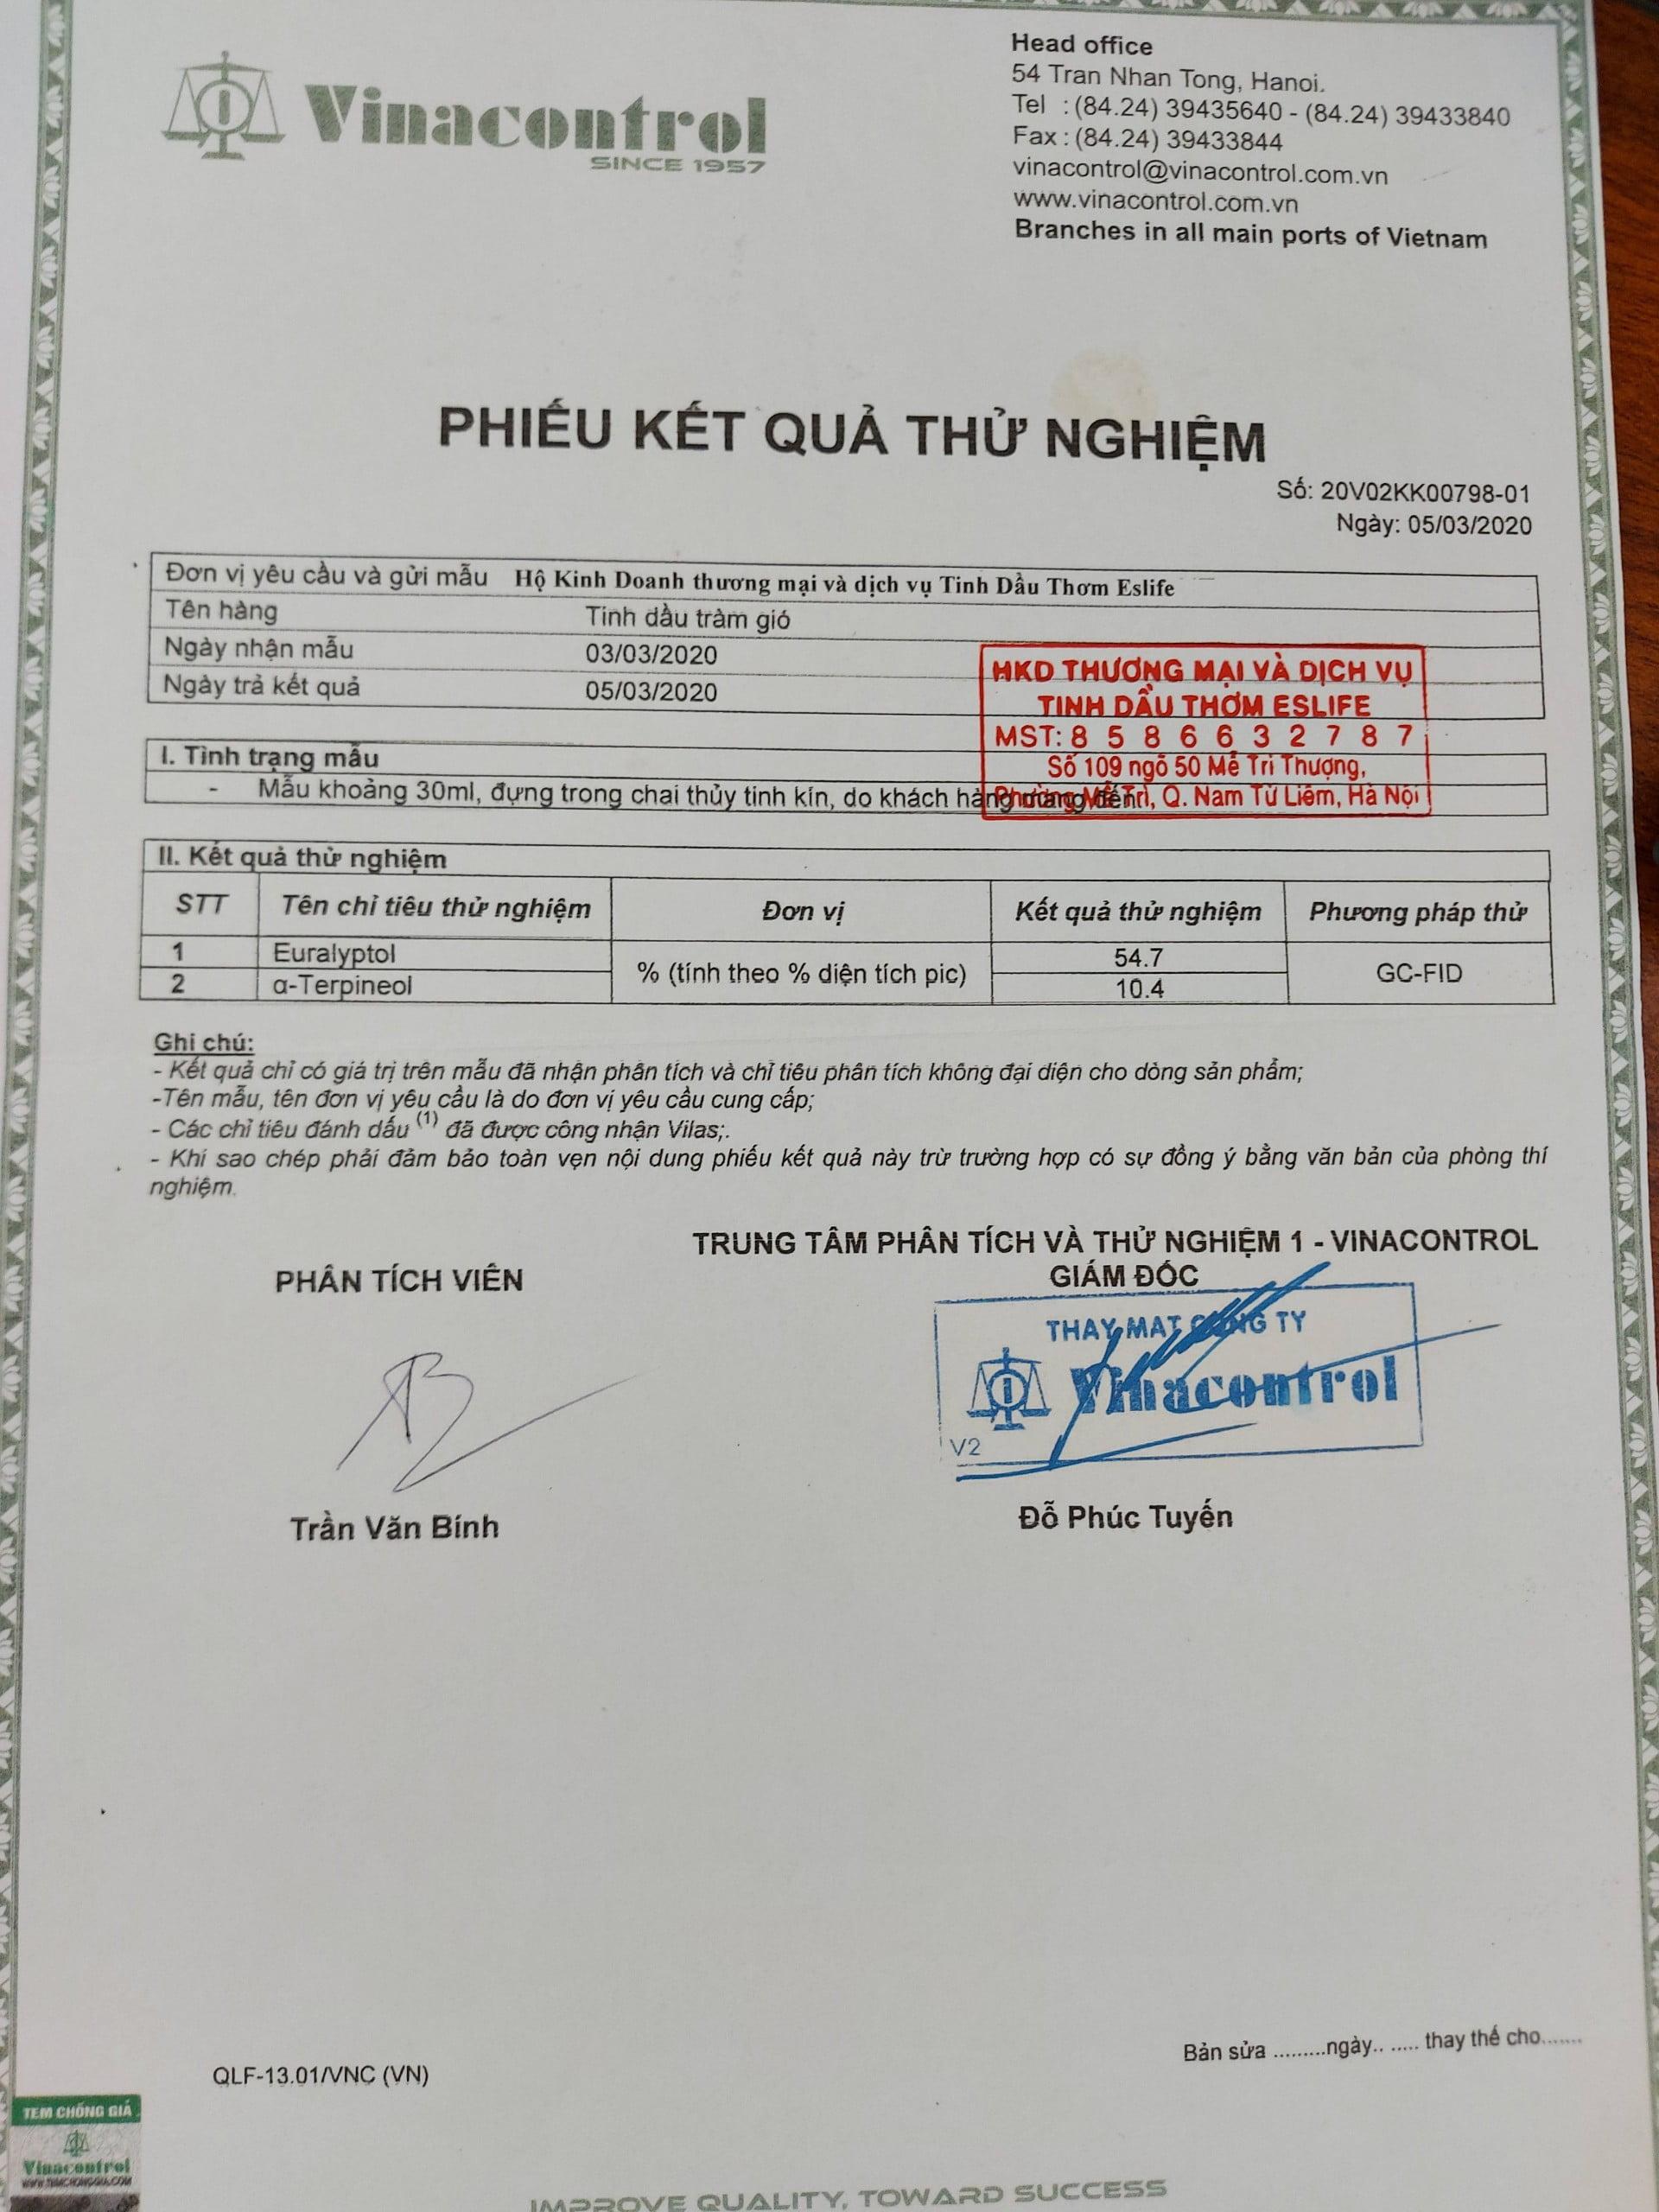 Phiếu kết quả thử nghiệm tinh dầu tràm GIÓ VIỆT NAM ( test tinh dầu) (kiểm nghiệm tinh dầu)